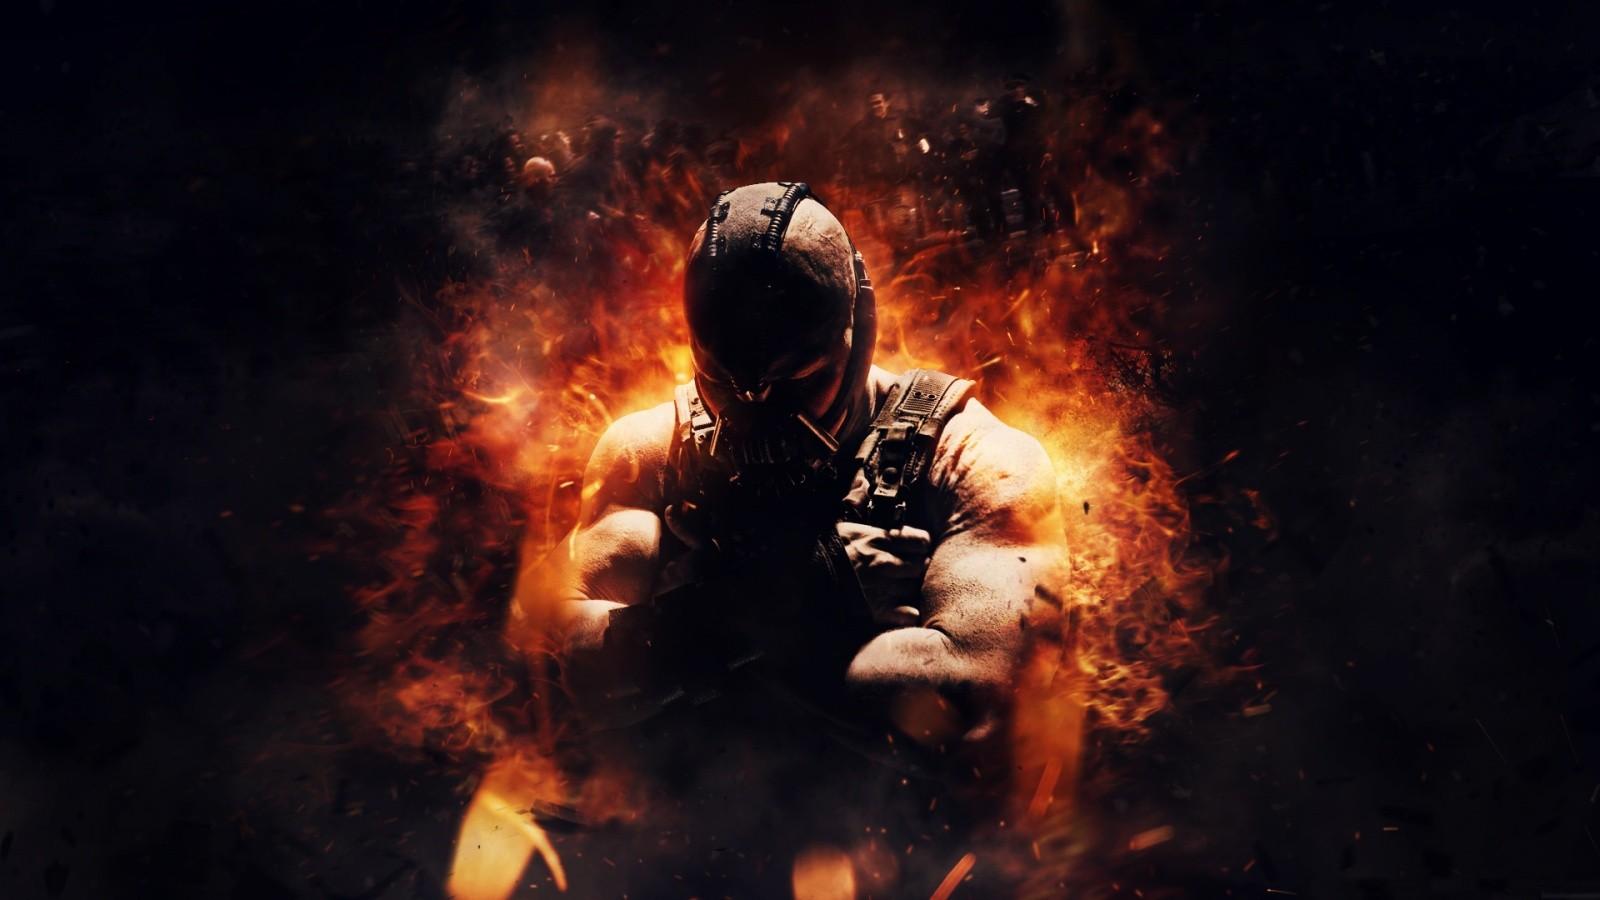 The Dark Knight Rises Bane Wallpaper 1600x900 10 000 Fonds D Ecran